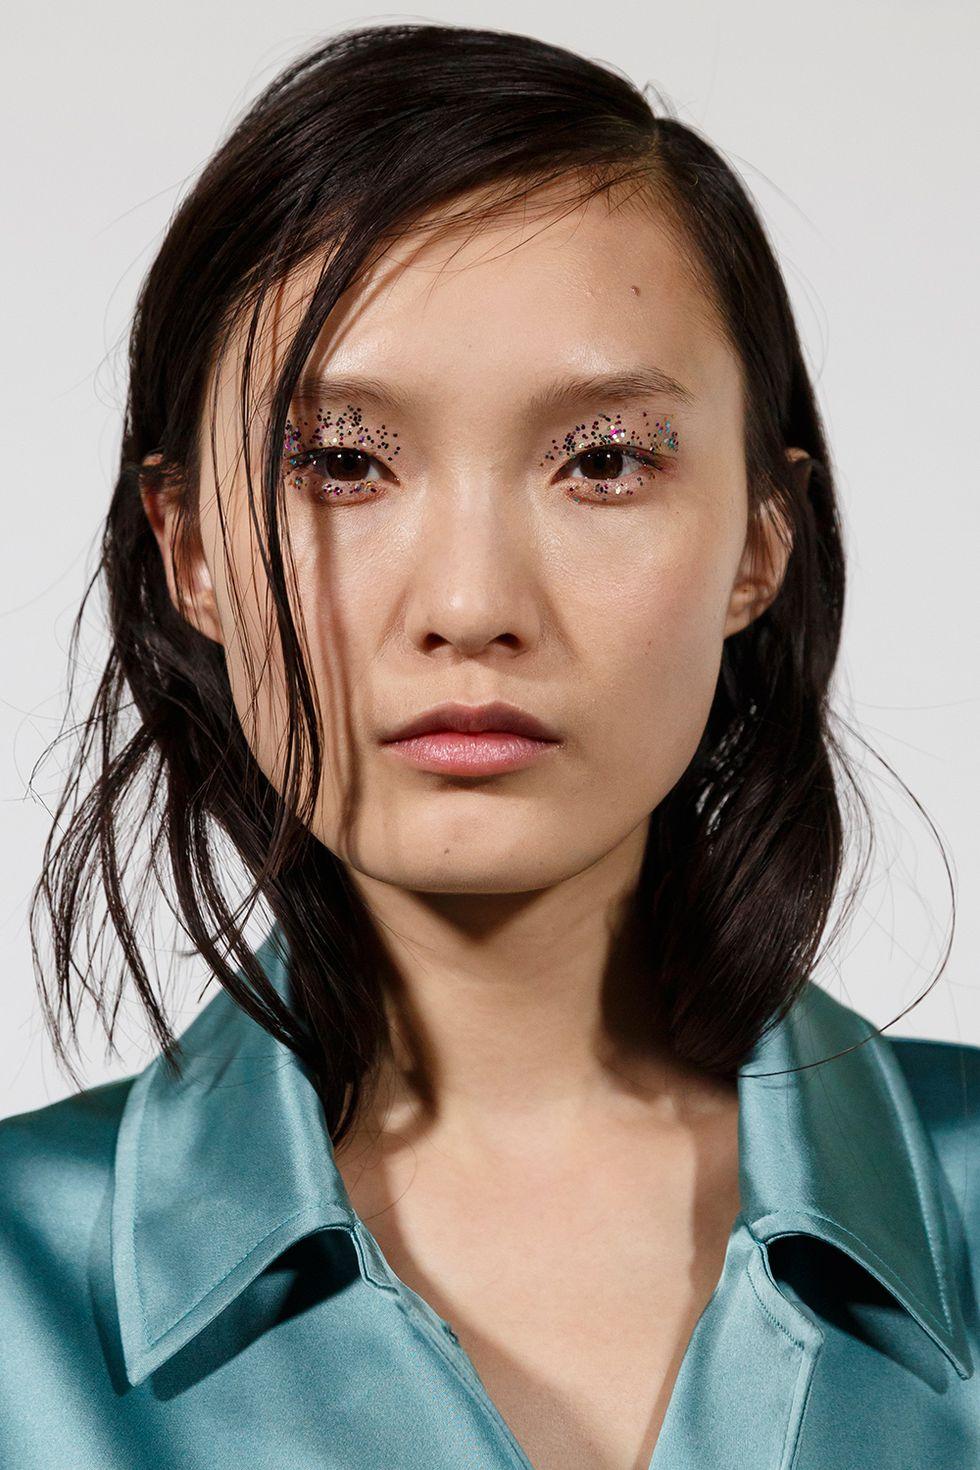 Glitter - Winter Beauty Trends